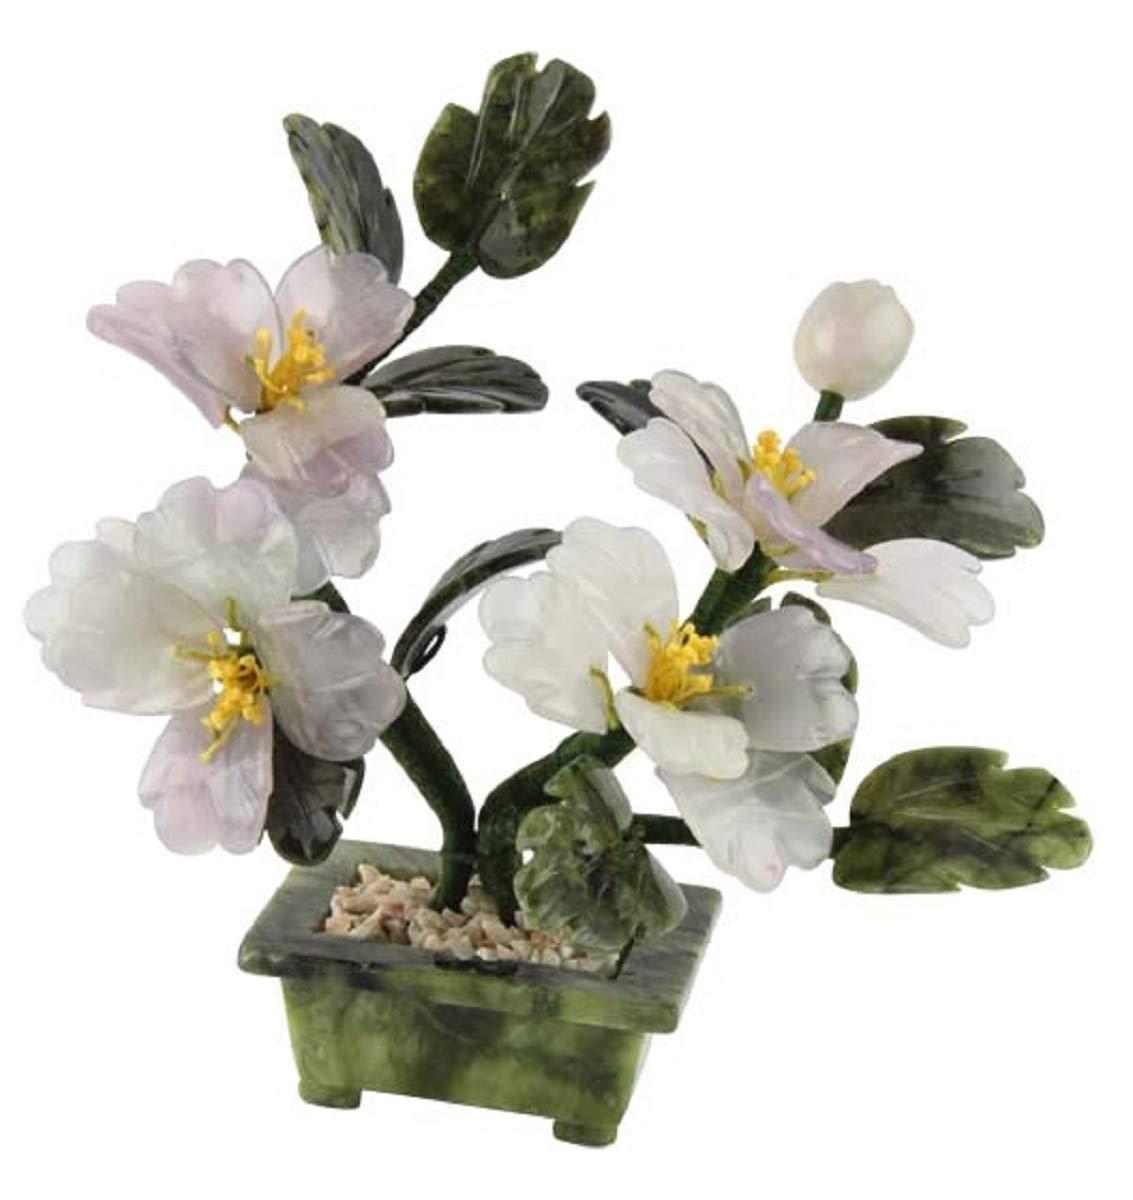 Edelstein-Blten-Baum-mit-Fluorit-und-Serpentin-ca-20-cm-grn-und-zart-lila